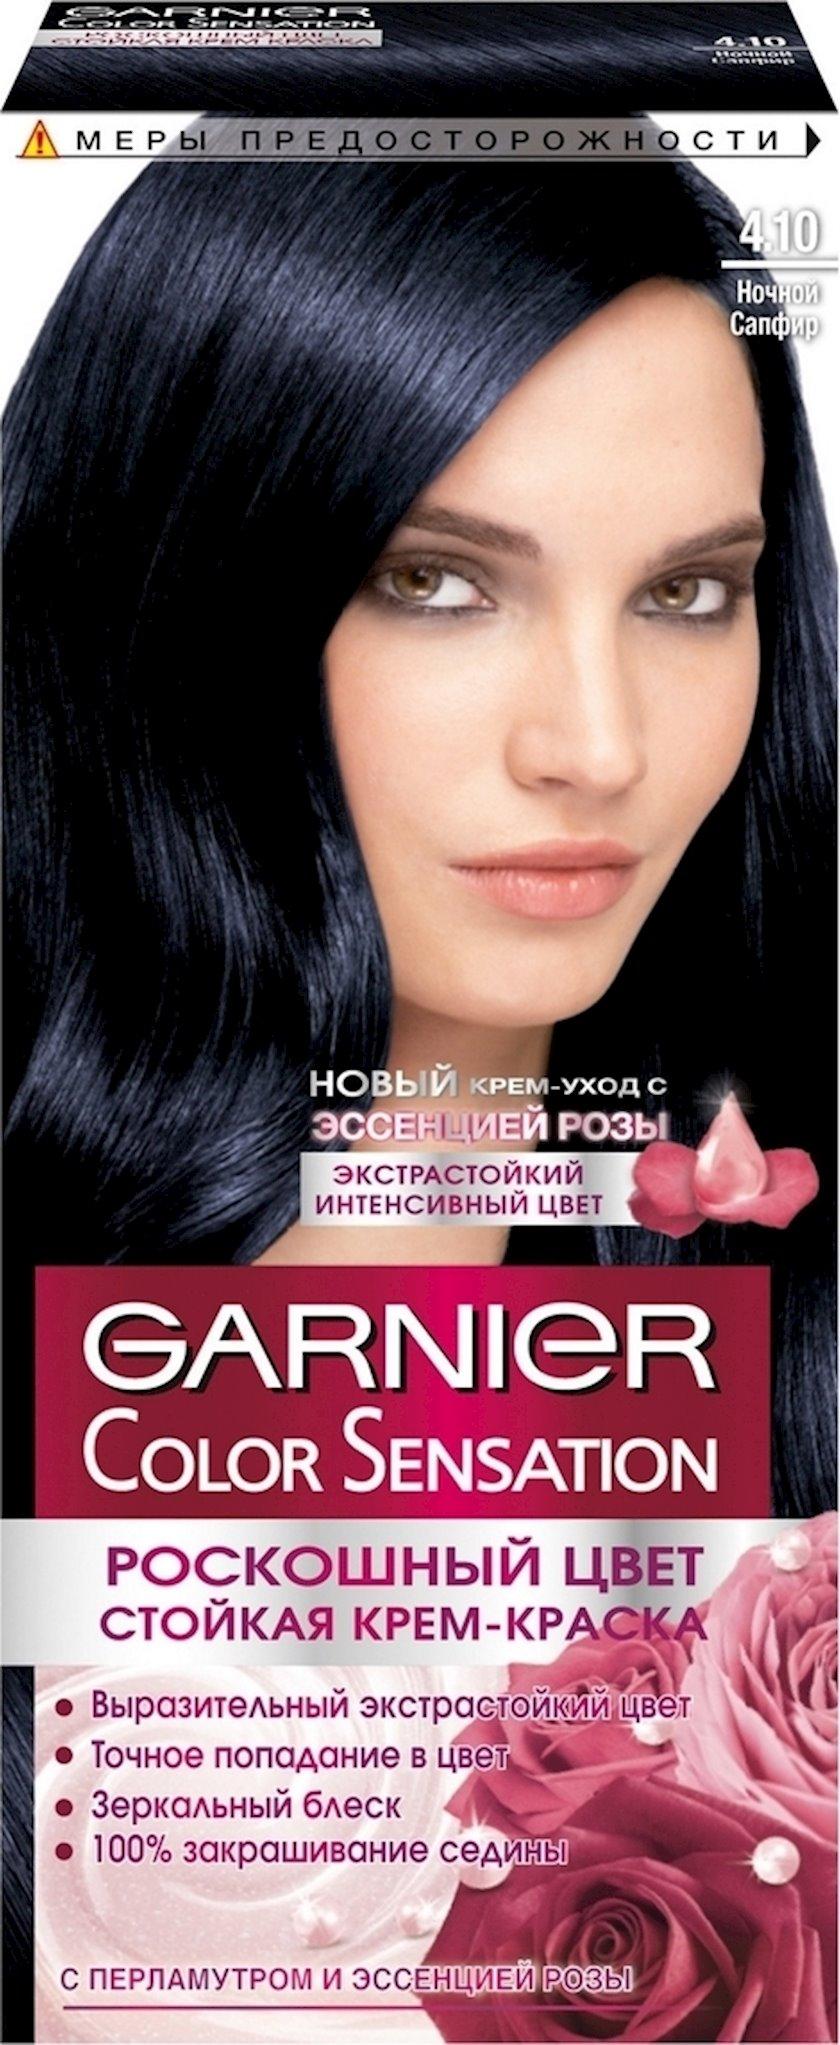 Saç boyası Garnier Color Sensation 4.10 Gecə sapfirı 110 ml